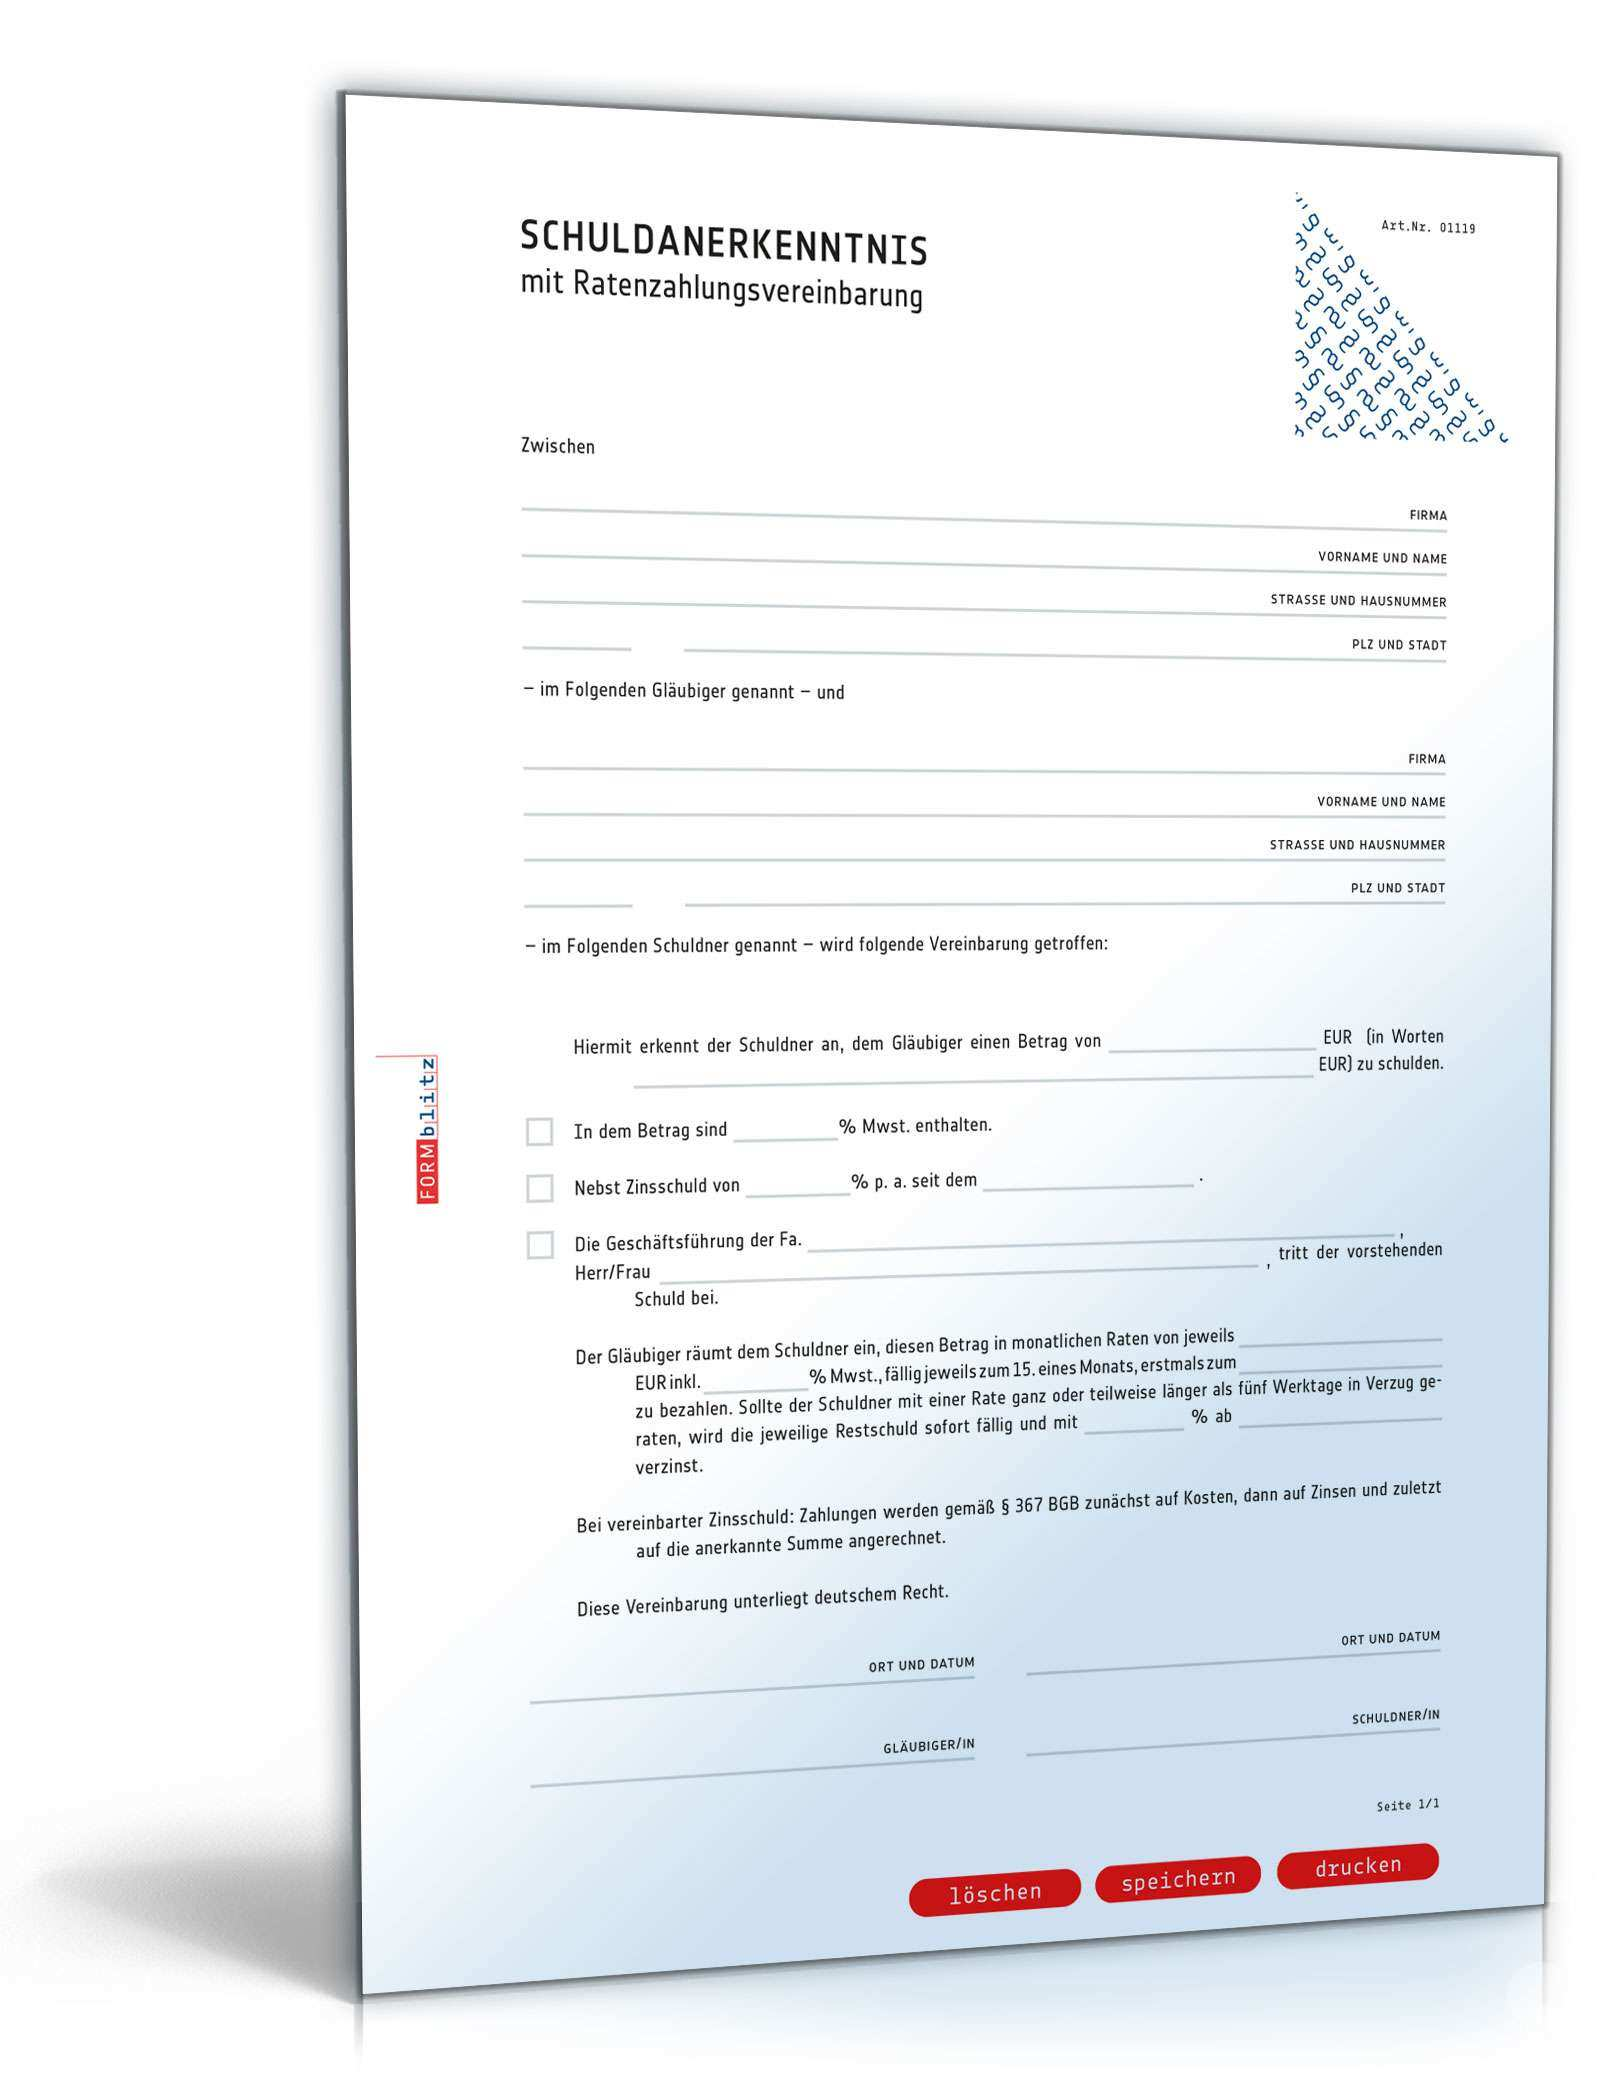 Schuldanerkenntnis Mit Ratenzahlungsvereinbarung Muster Zum Download